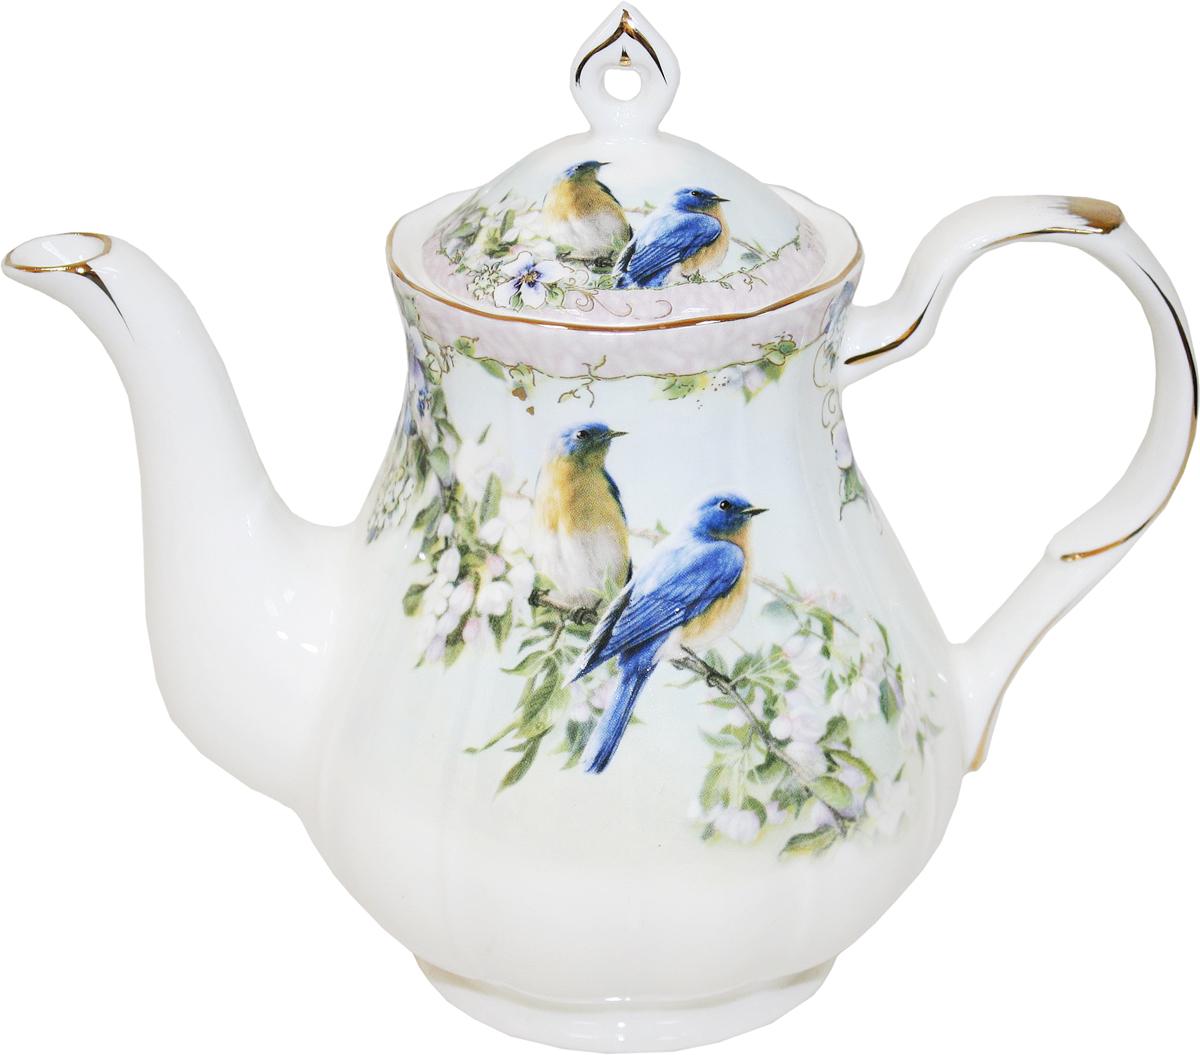 Чайник заварочный Chaozhou Fengxi Shenshui Клэранс, 720 мл. 02-008VT-1520(SR)Чайник заварочный Chaozhou Fengxi Shenshui Клэранс, изготовленный из высококачественного фарфора, прекрасно впишется в интерьер вашей кухни и станет достойным дополнением к кухонному инвентарю.Такой чайник не только украсит ваш кухонный стол и подчеркнет прекрасный вкус хозяйки, но и станет отличным подарком.